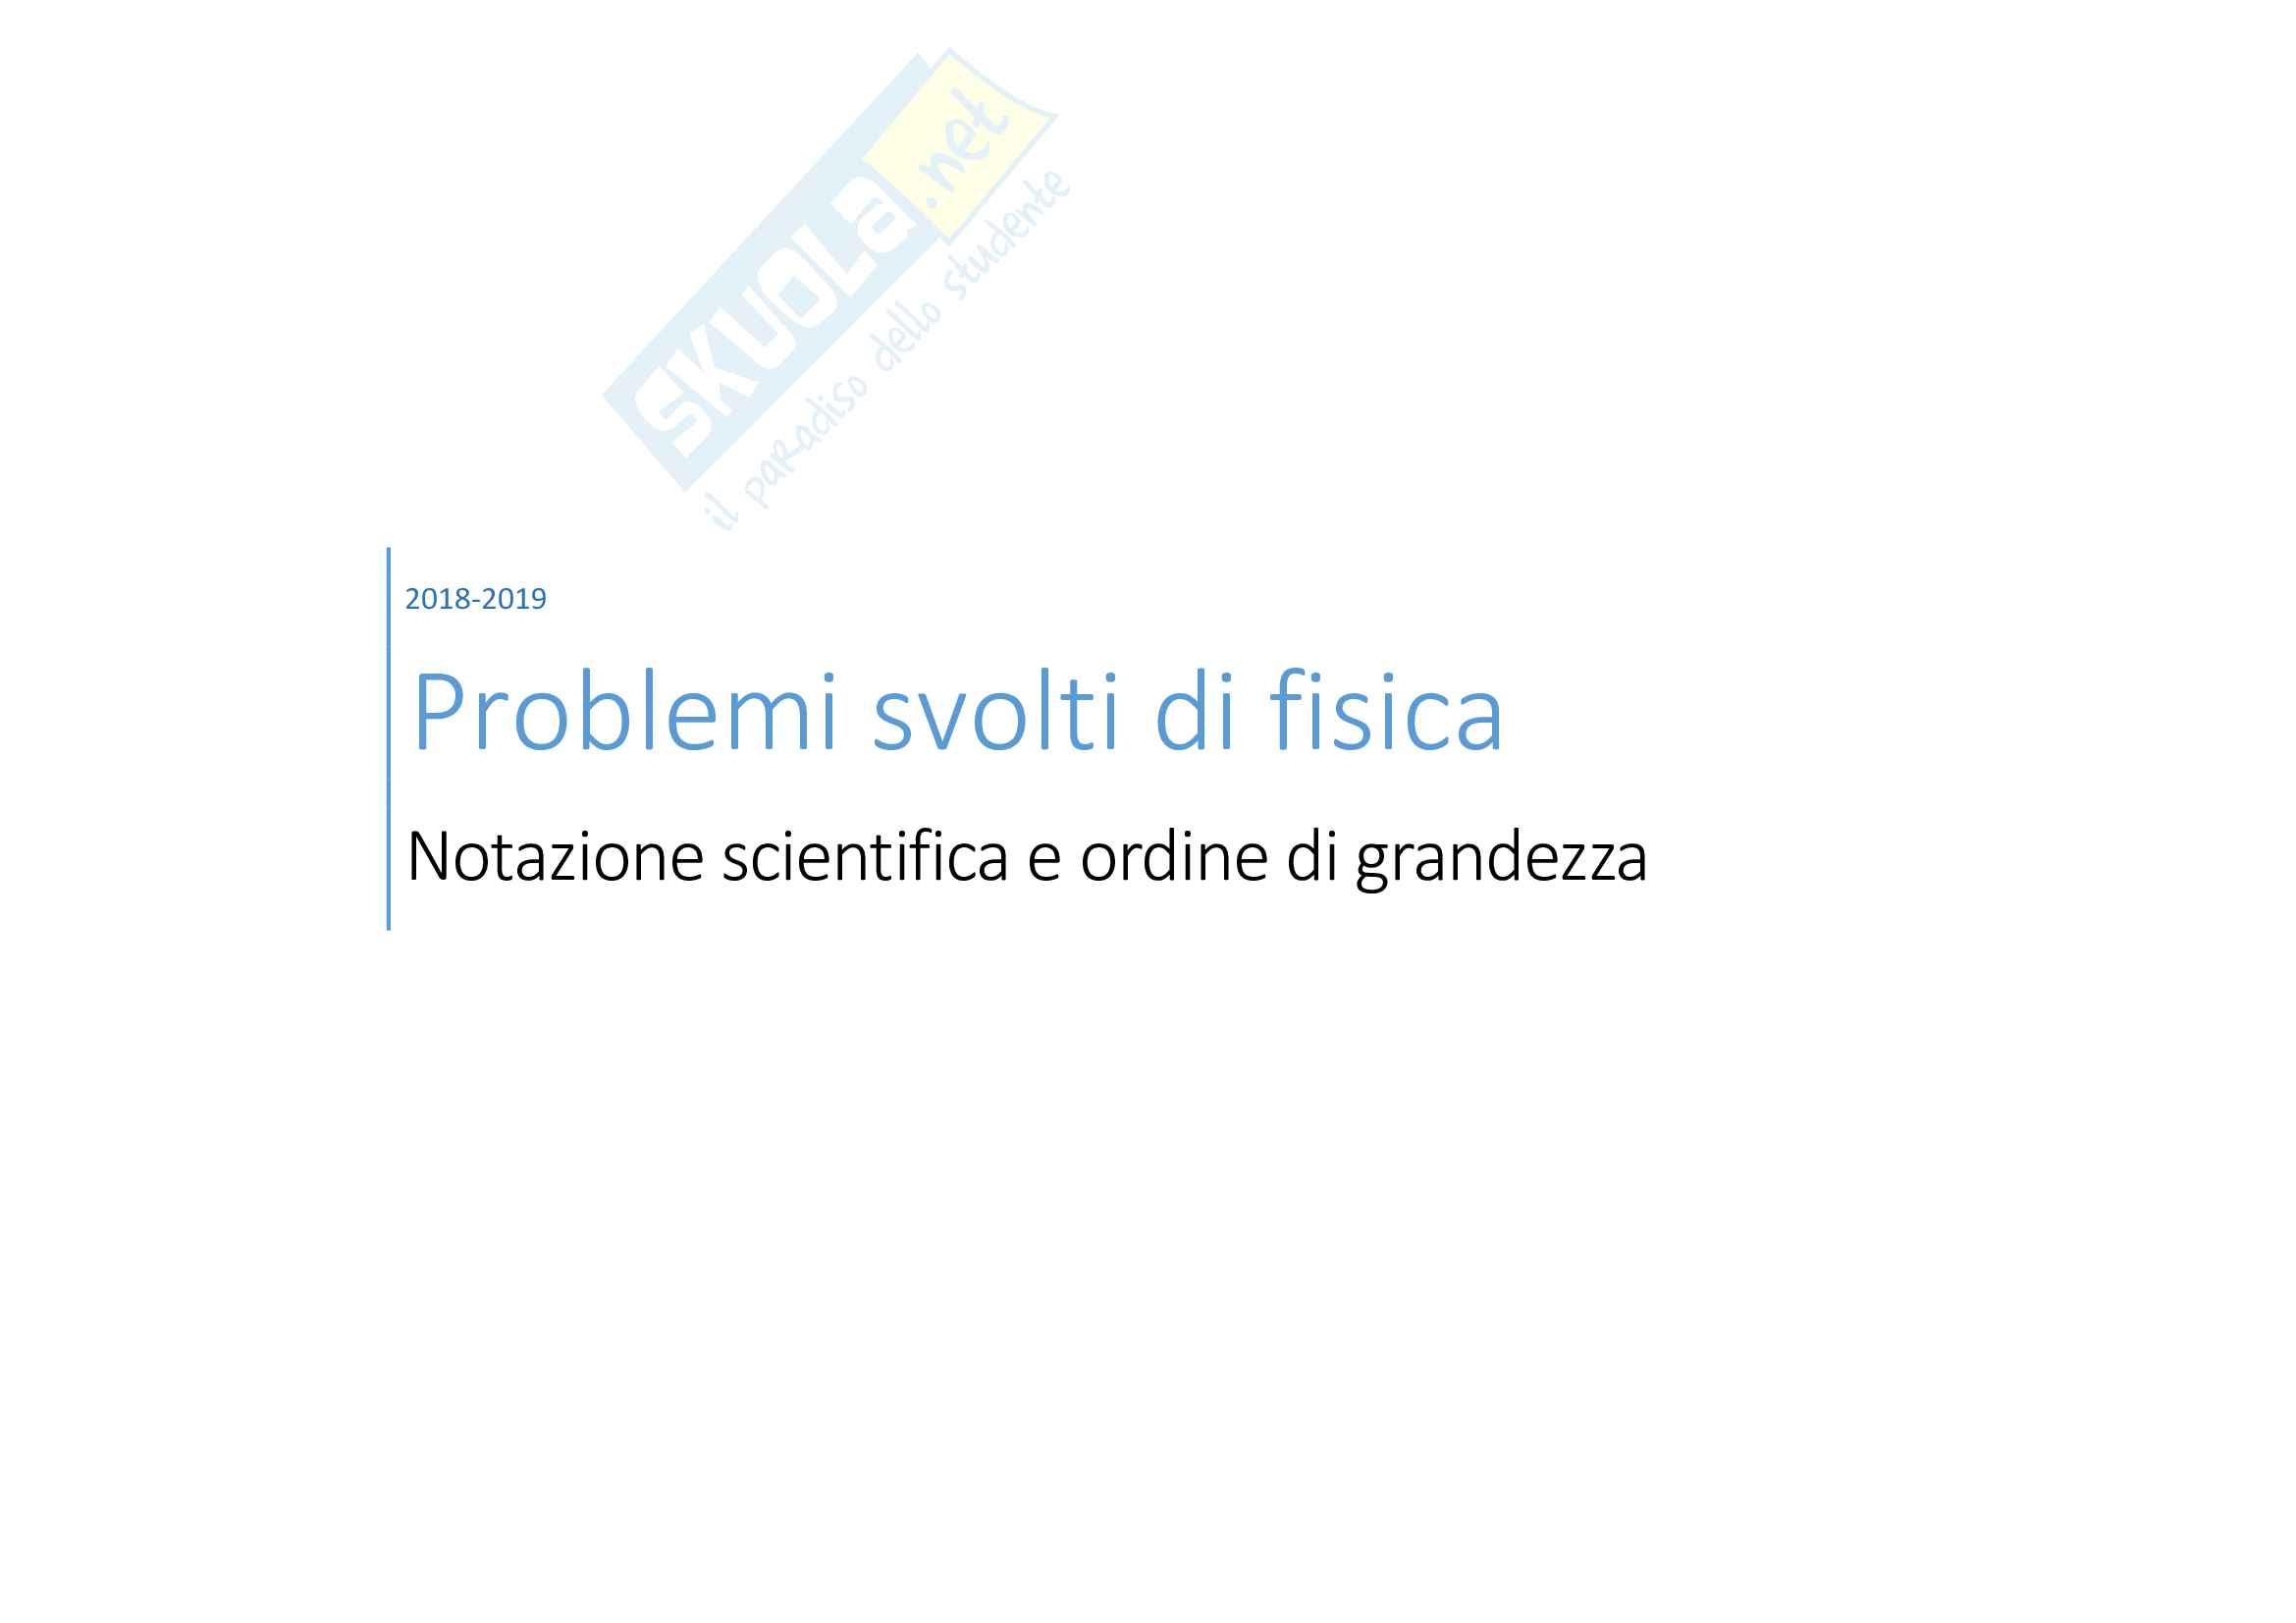 Problemi svolti di fisica: la notazione scientifica